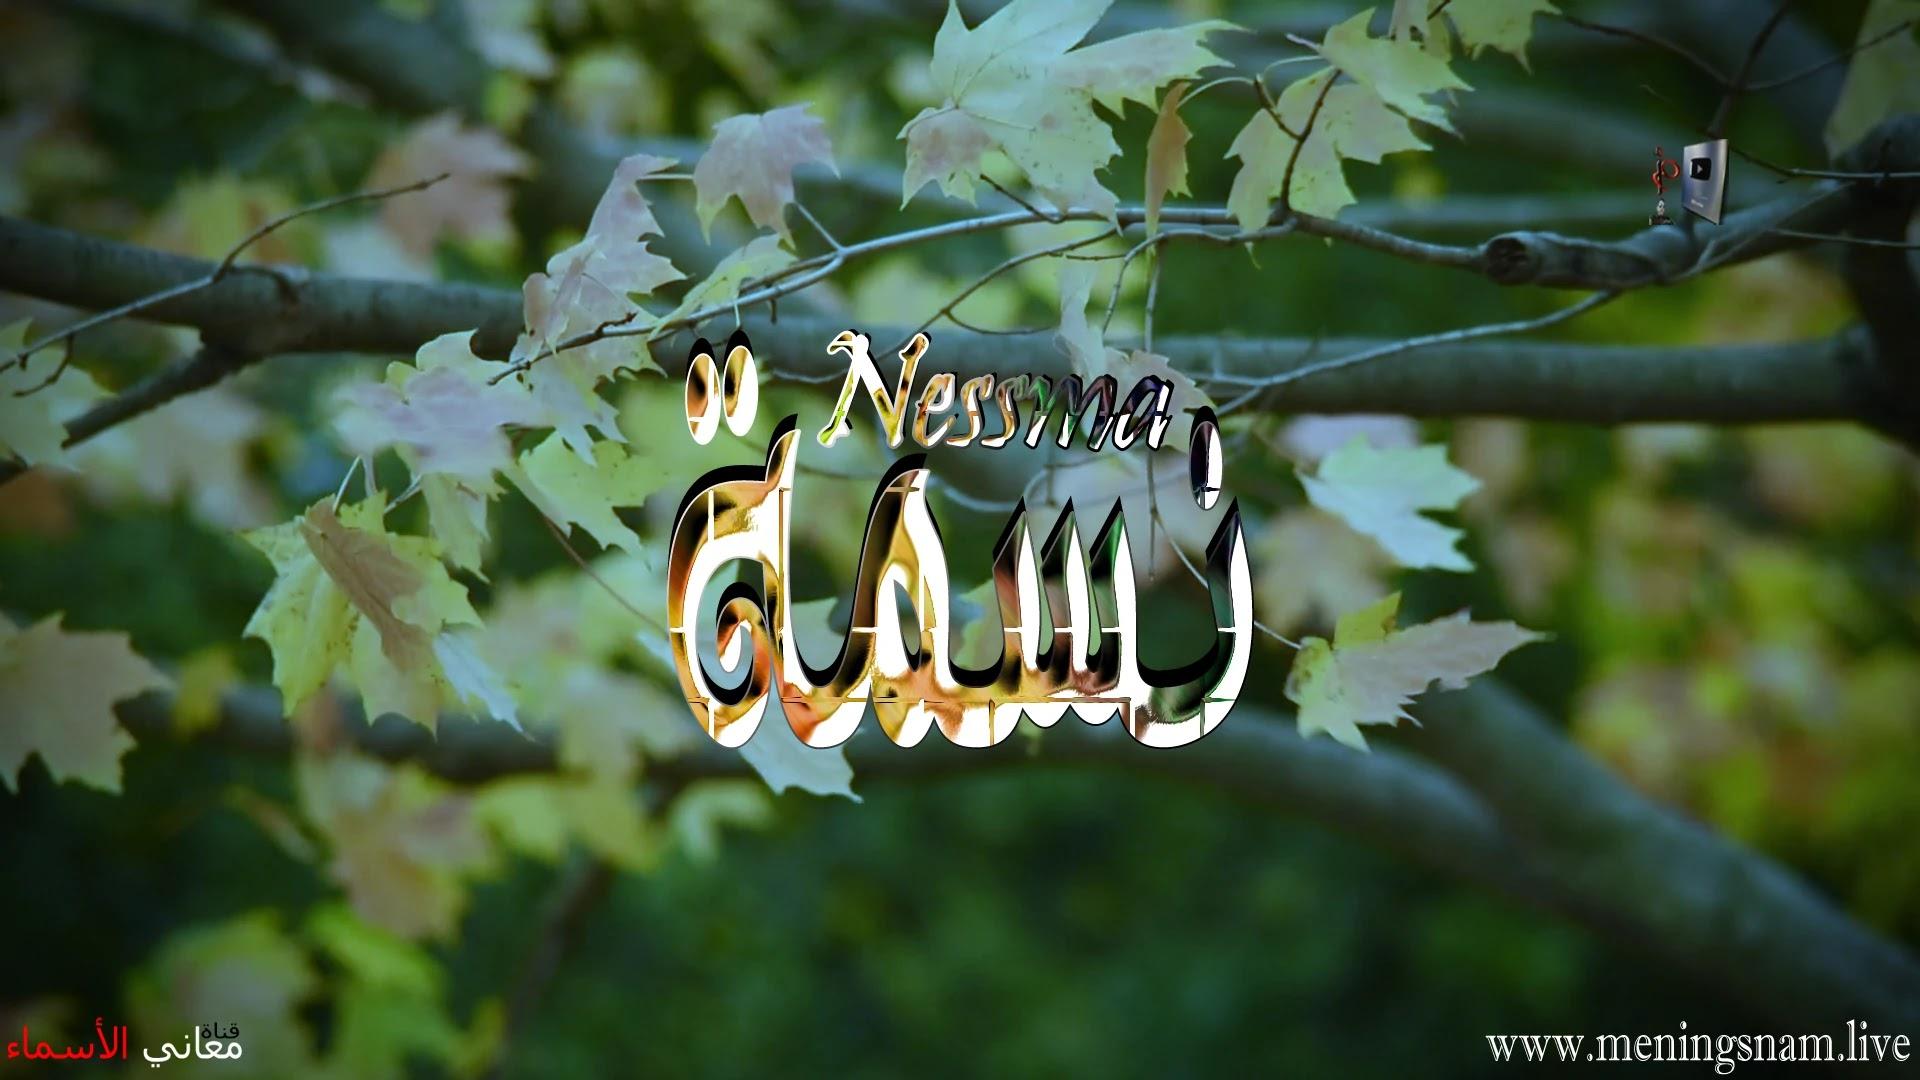 معنى اسم نسمة وصفات حاملة هذا الاسم Nessma